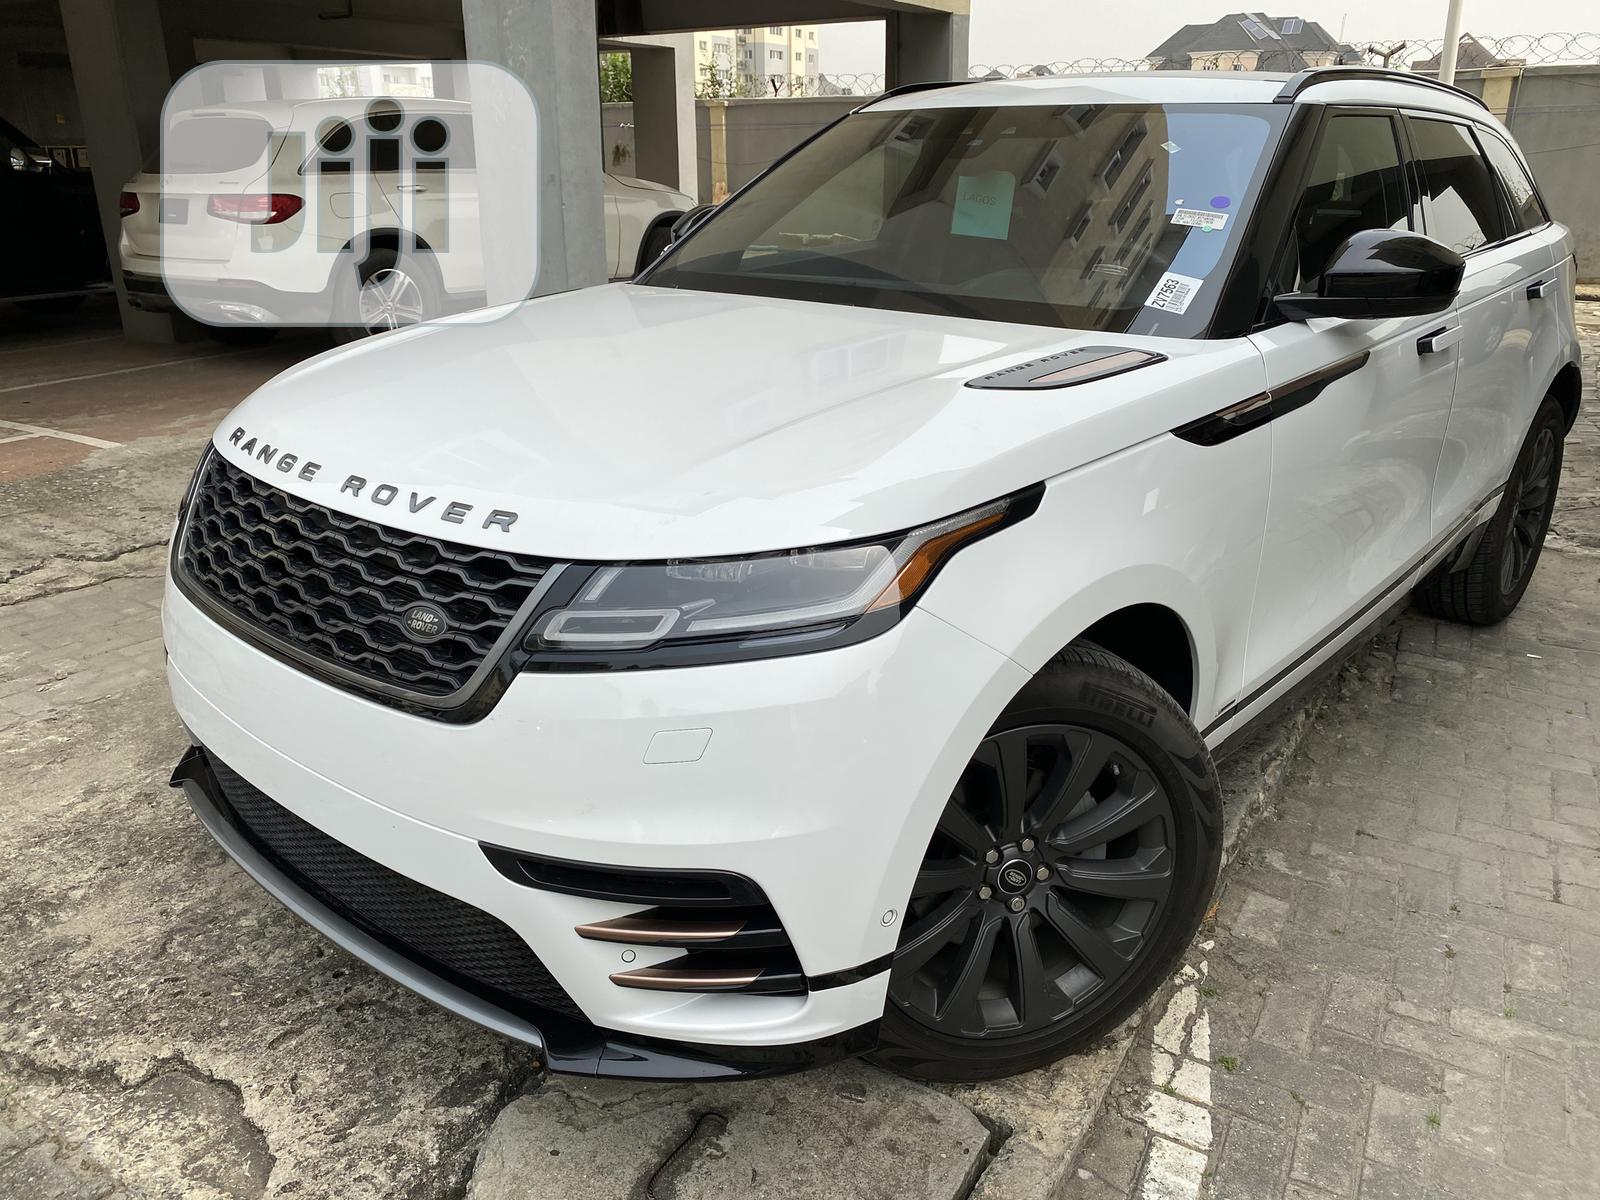 Land Rover Range Rover Velar 2018 P250 SE R-Dynamic 4x4 White